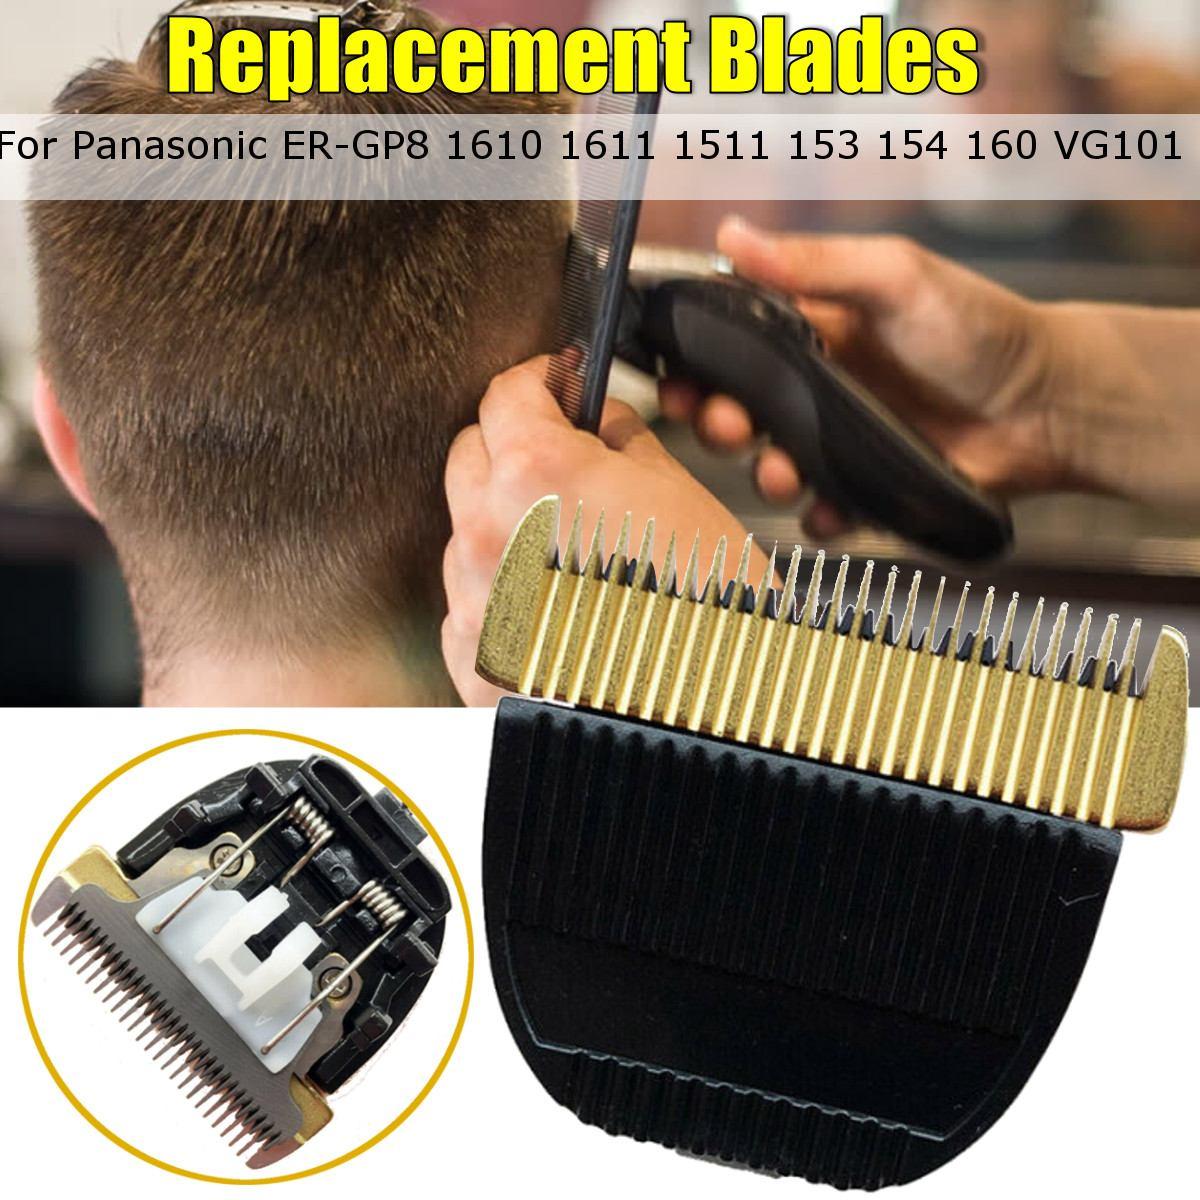 Сменные лезвия для машинки для стрижки волос из керамики и титана для Panasonic ER-GP8 1610 1611 1511 153 154 VG101, триммер для стрижки волос